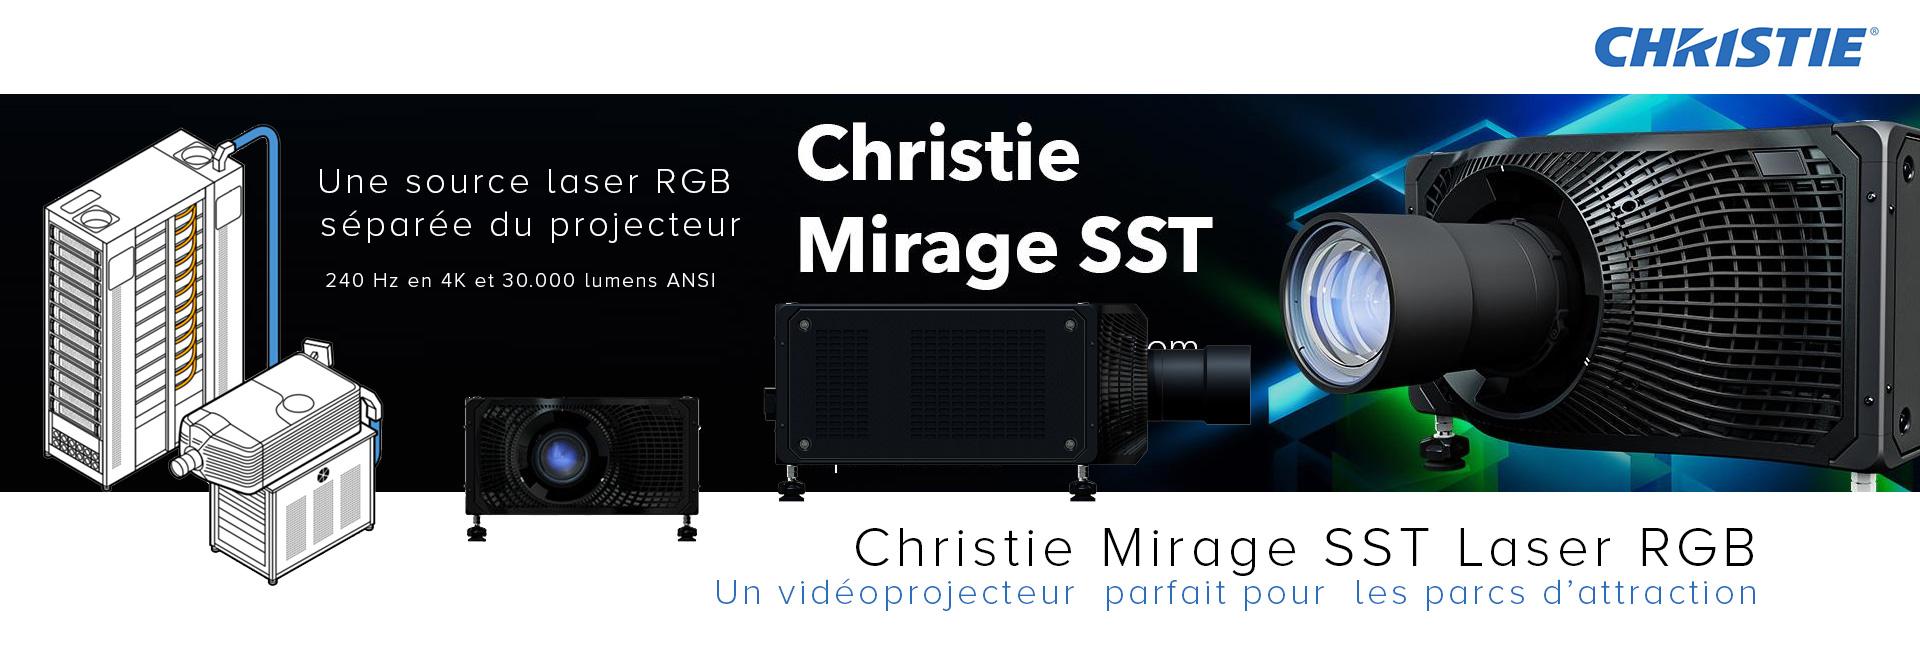 Christie Mirage